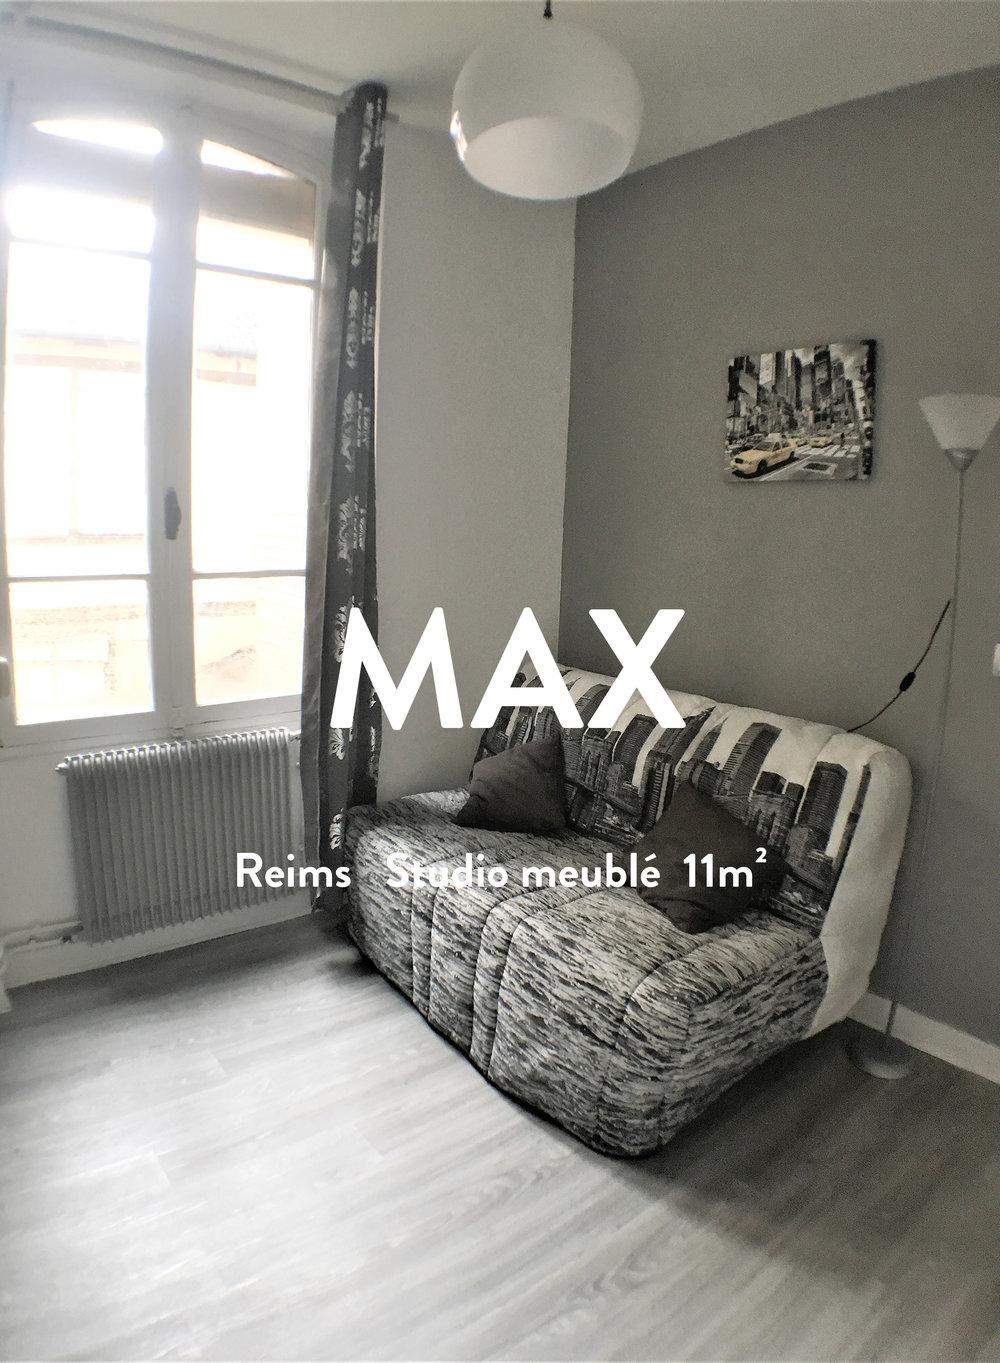 MAX - Studio Meublé - REIMS  280€+40€ de charges(chauffage inclus)